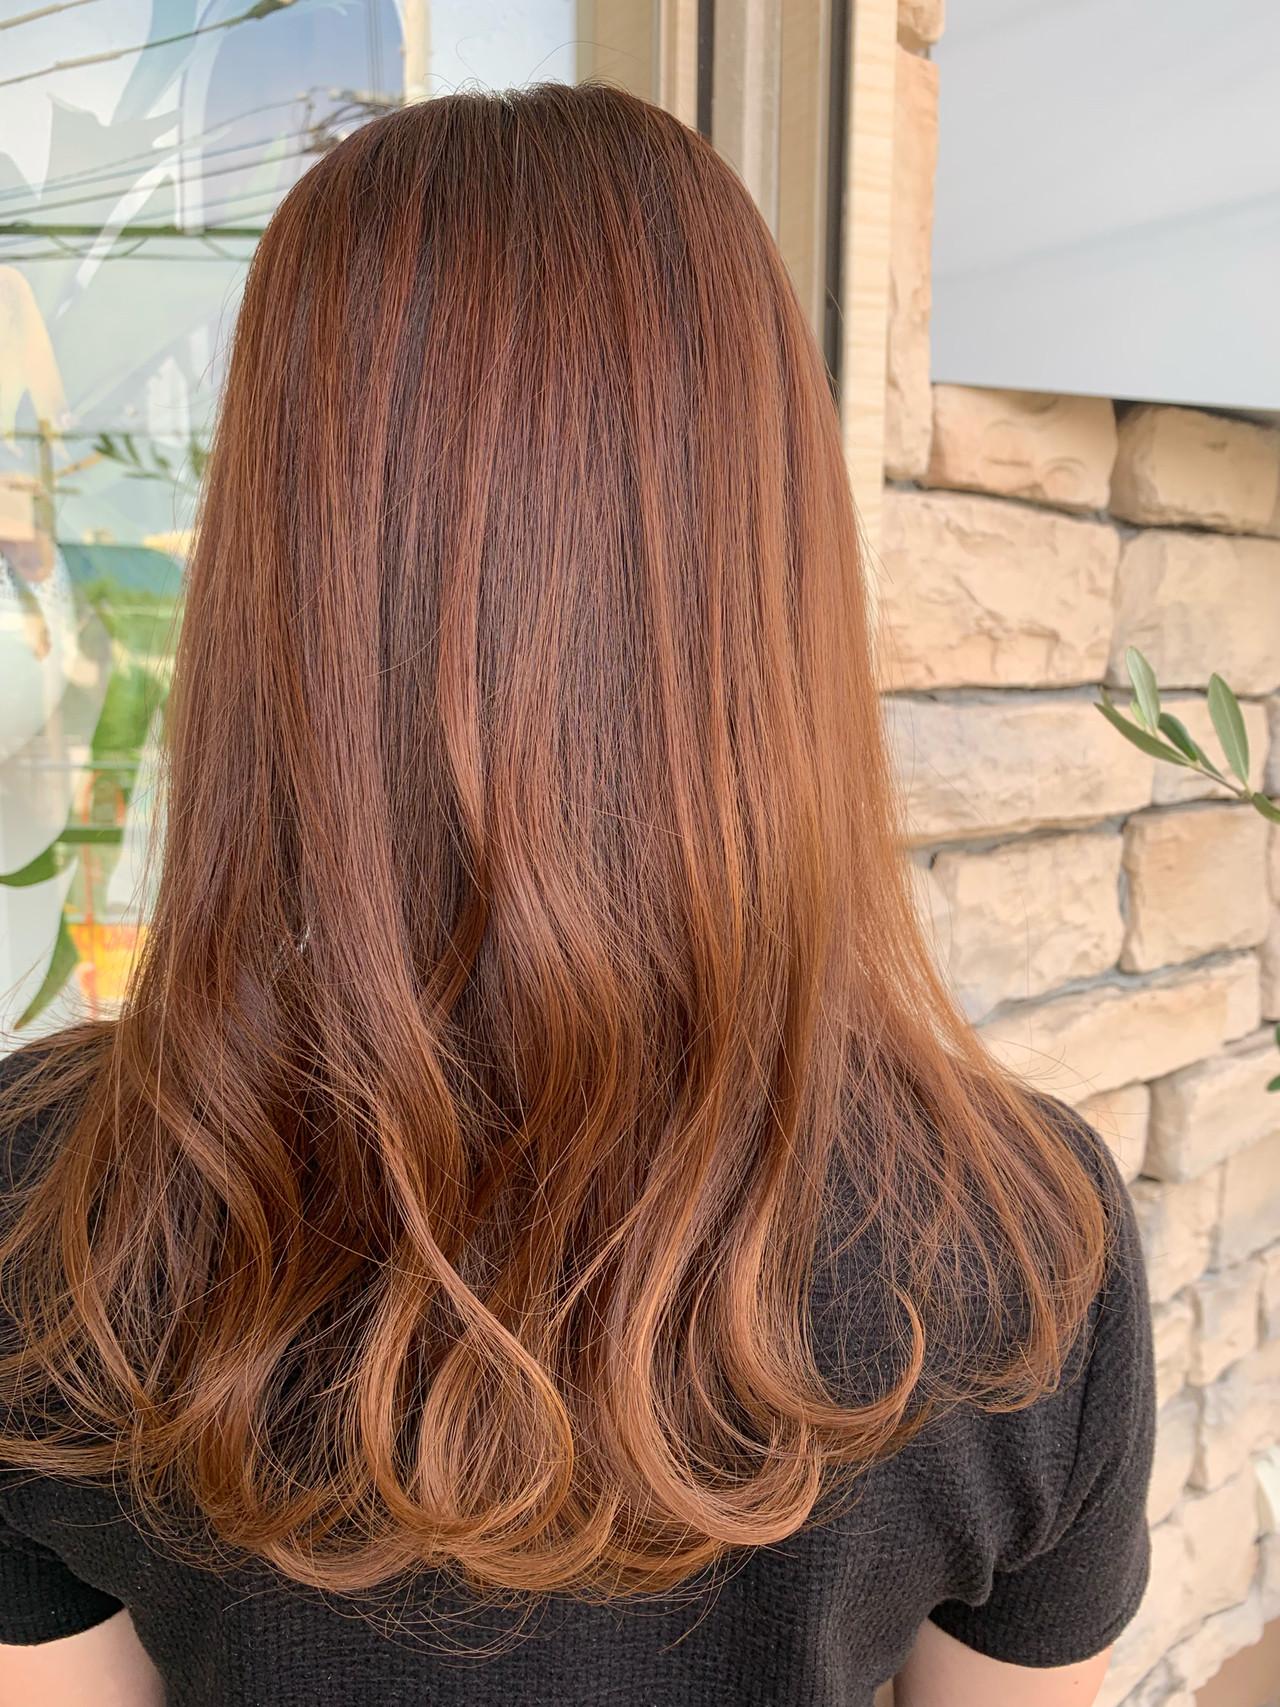 暖色 透明感カラー デート コーラル ヘアスタイルや髪型の写真・画像 | ますだまりな / hair make misty